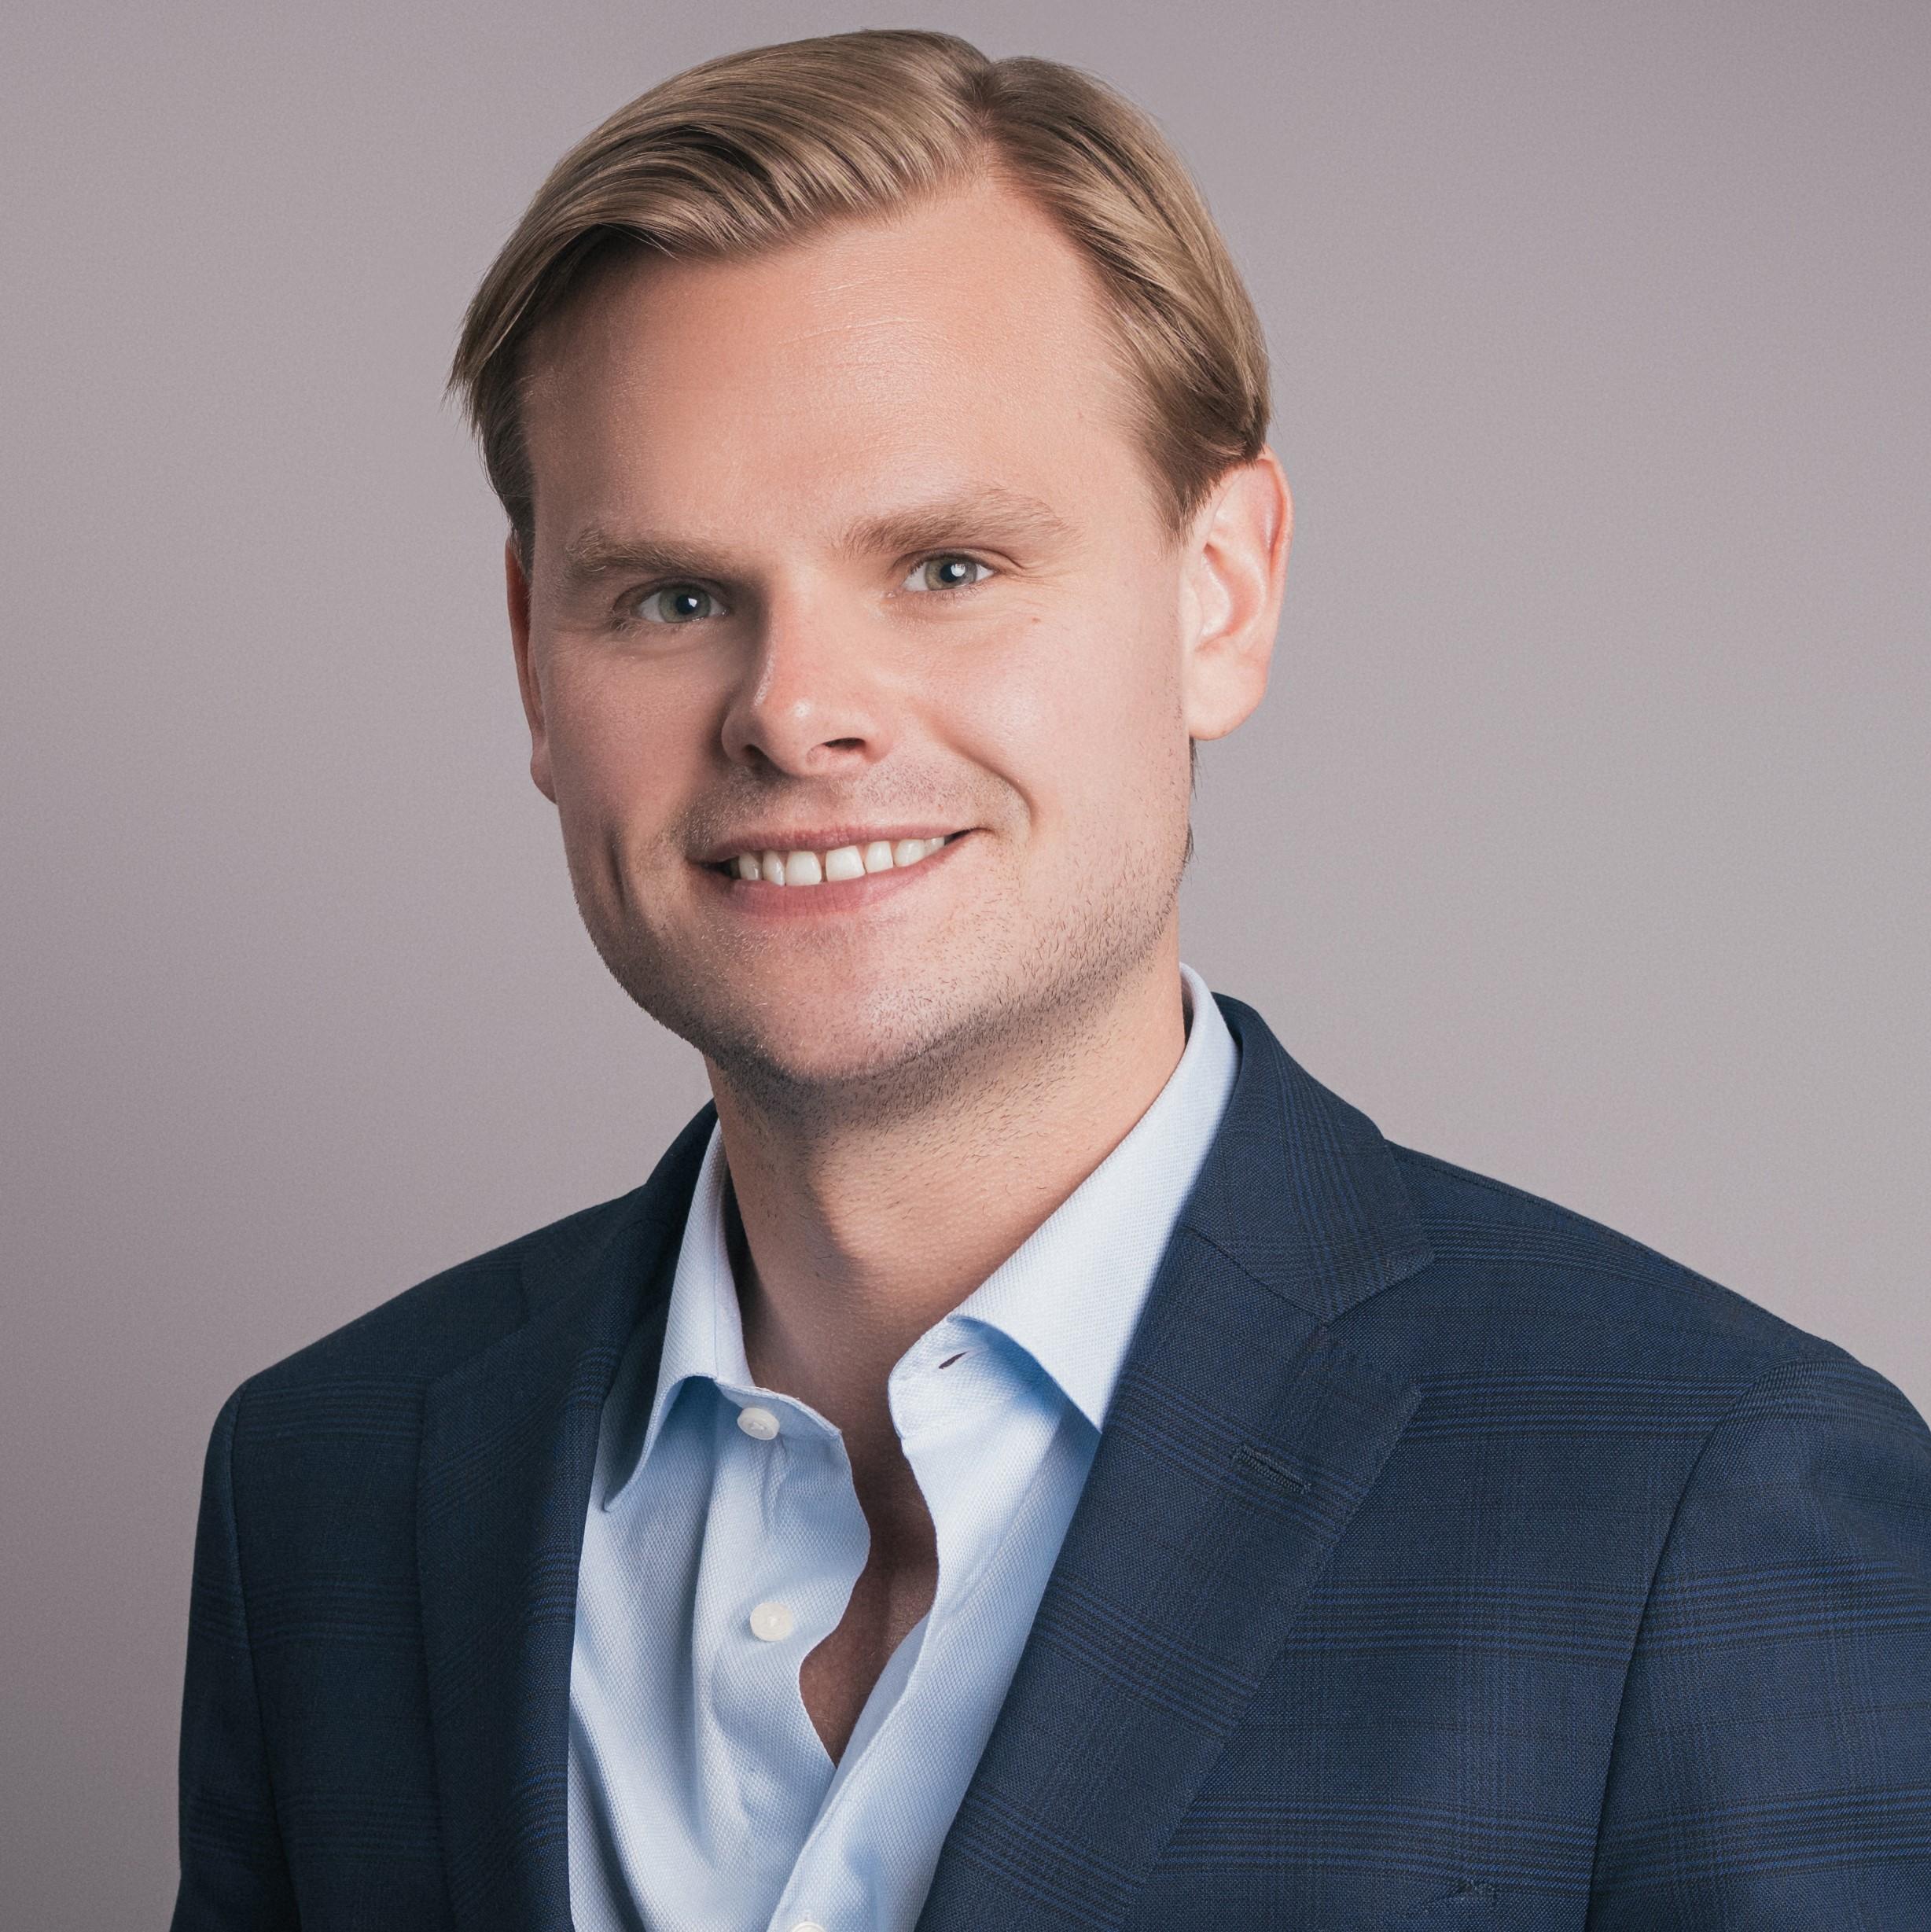 Photo of Hampus Frisén